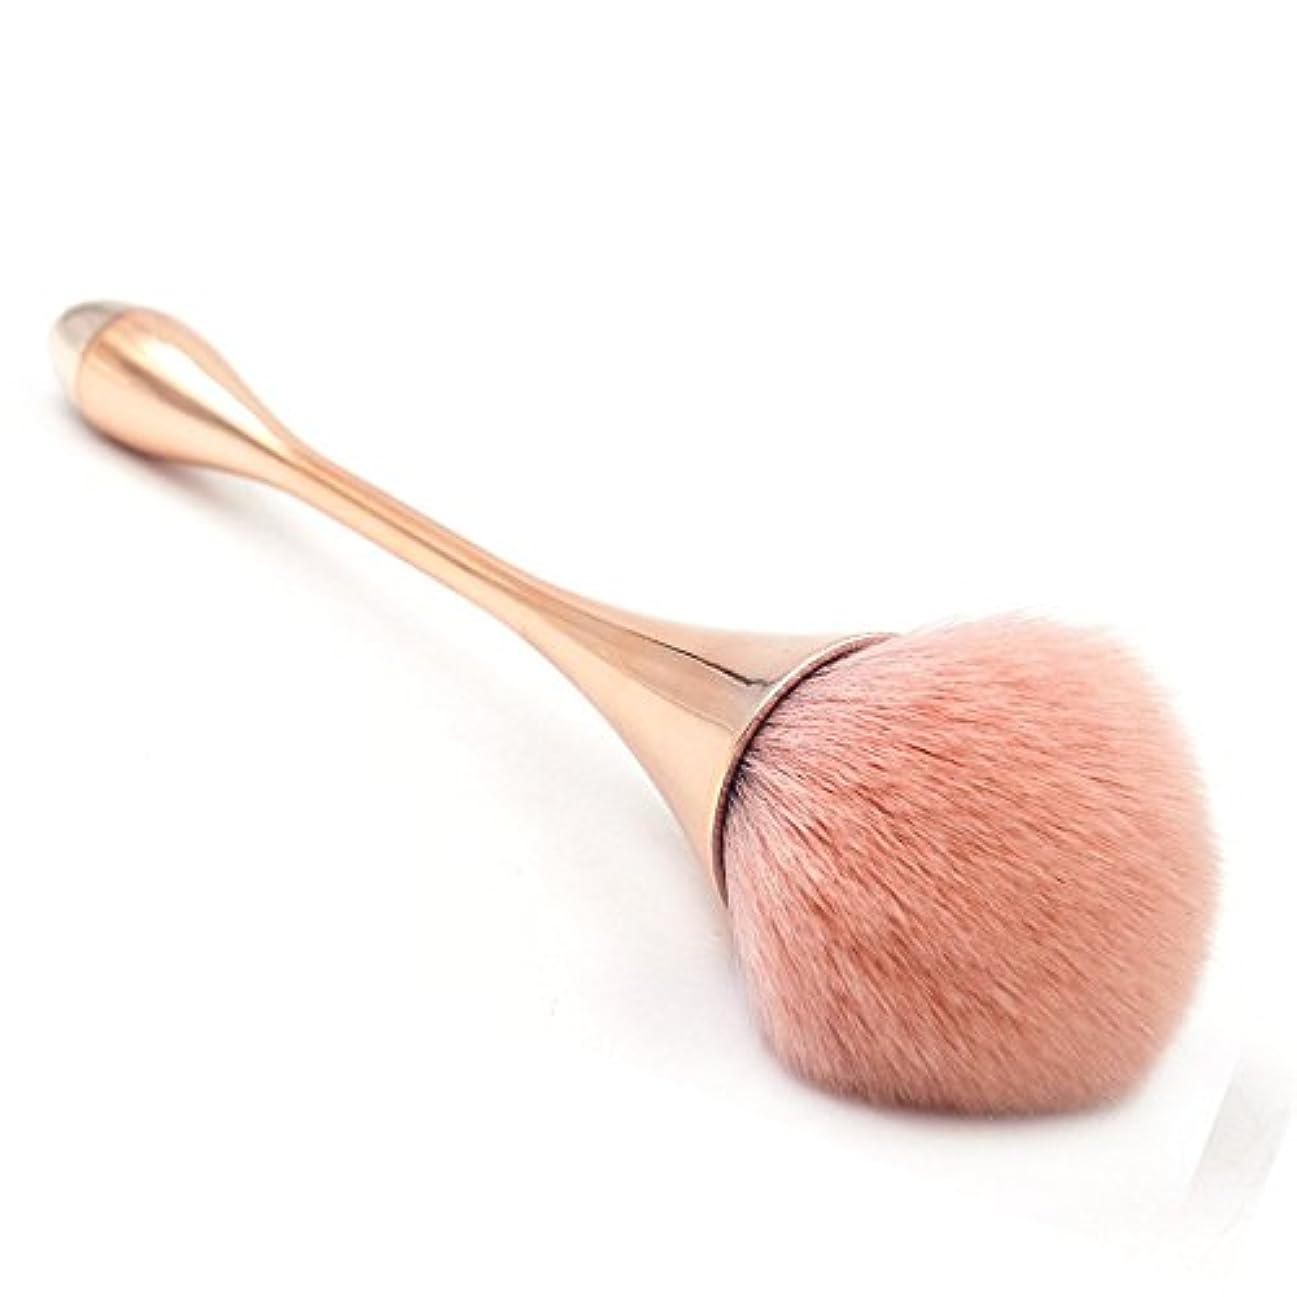 リサイクルする触覚アヒルスタイリッシュゴージャスな1ピース化粧道具ウォータードロップスモールウエストメイクブラシゴブレット化粧ブラシ -柔らかくまた滑らかで